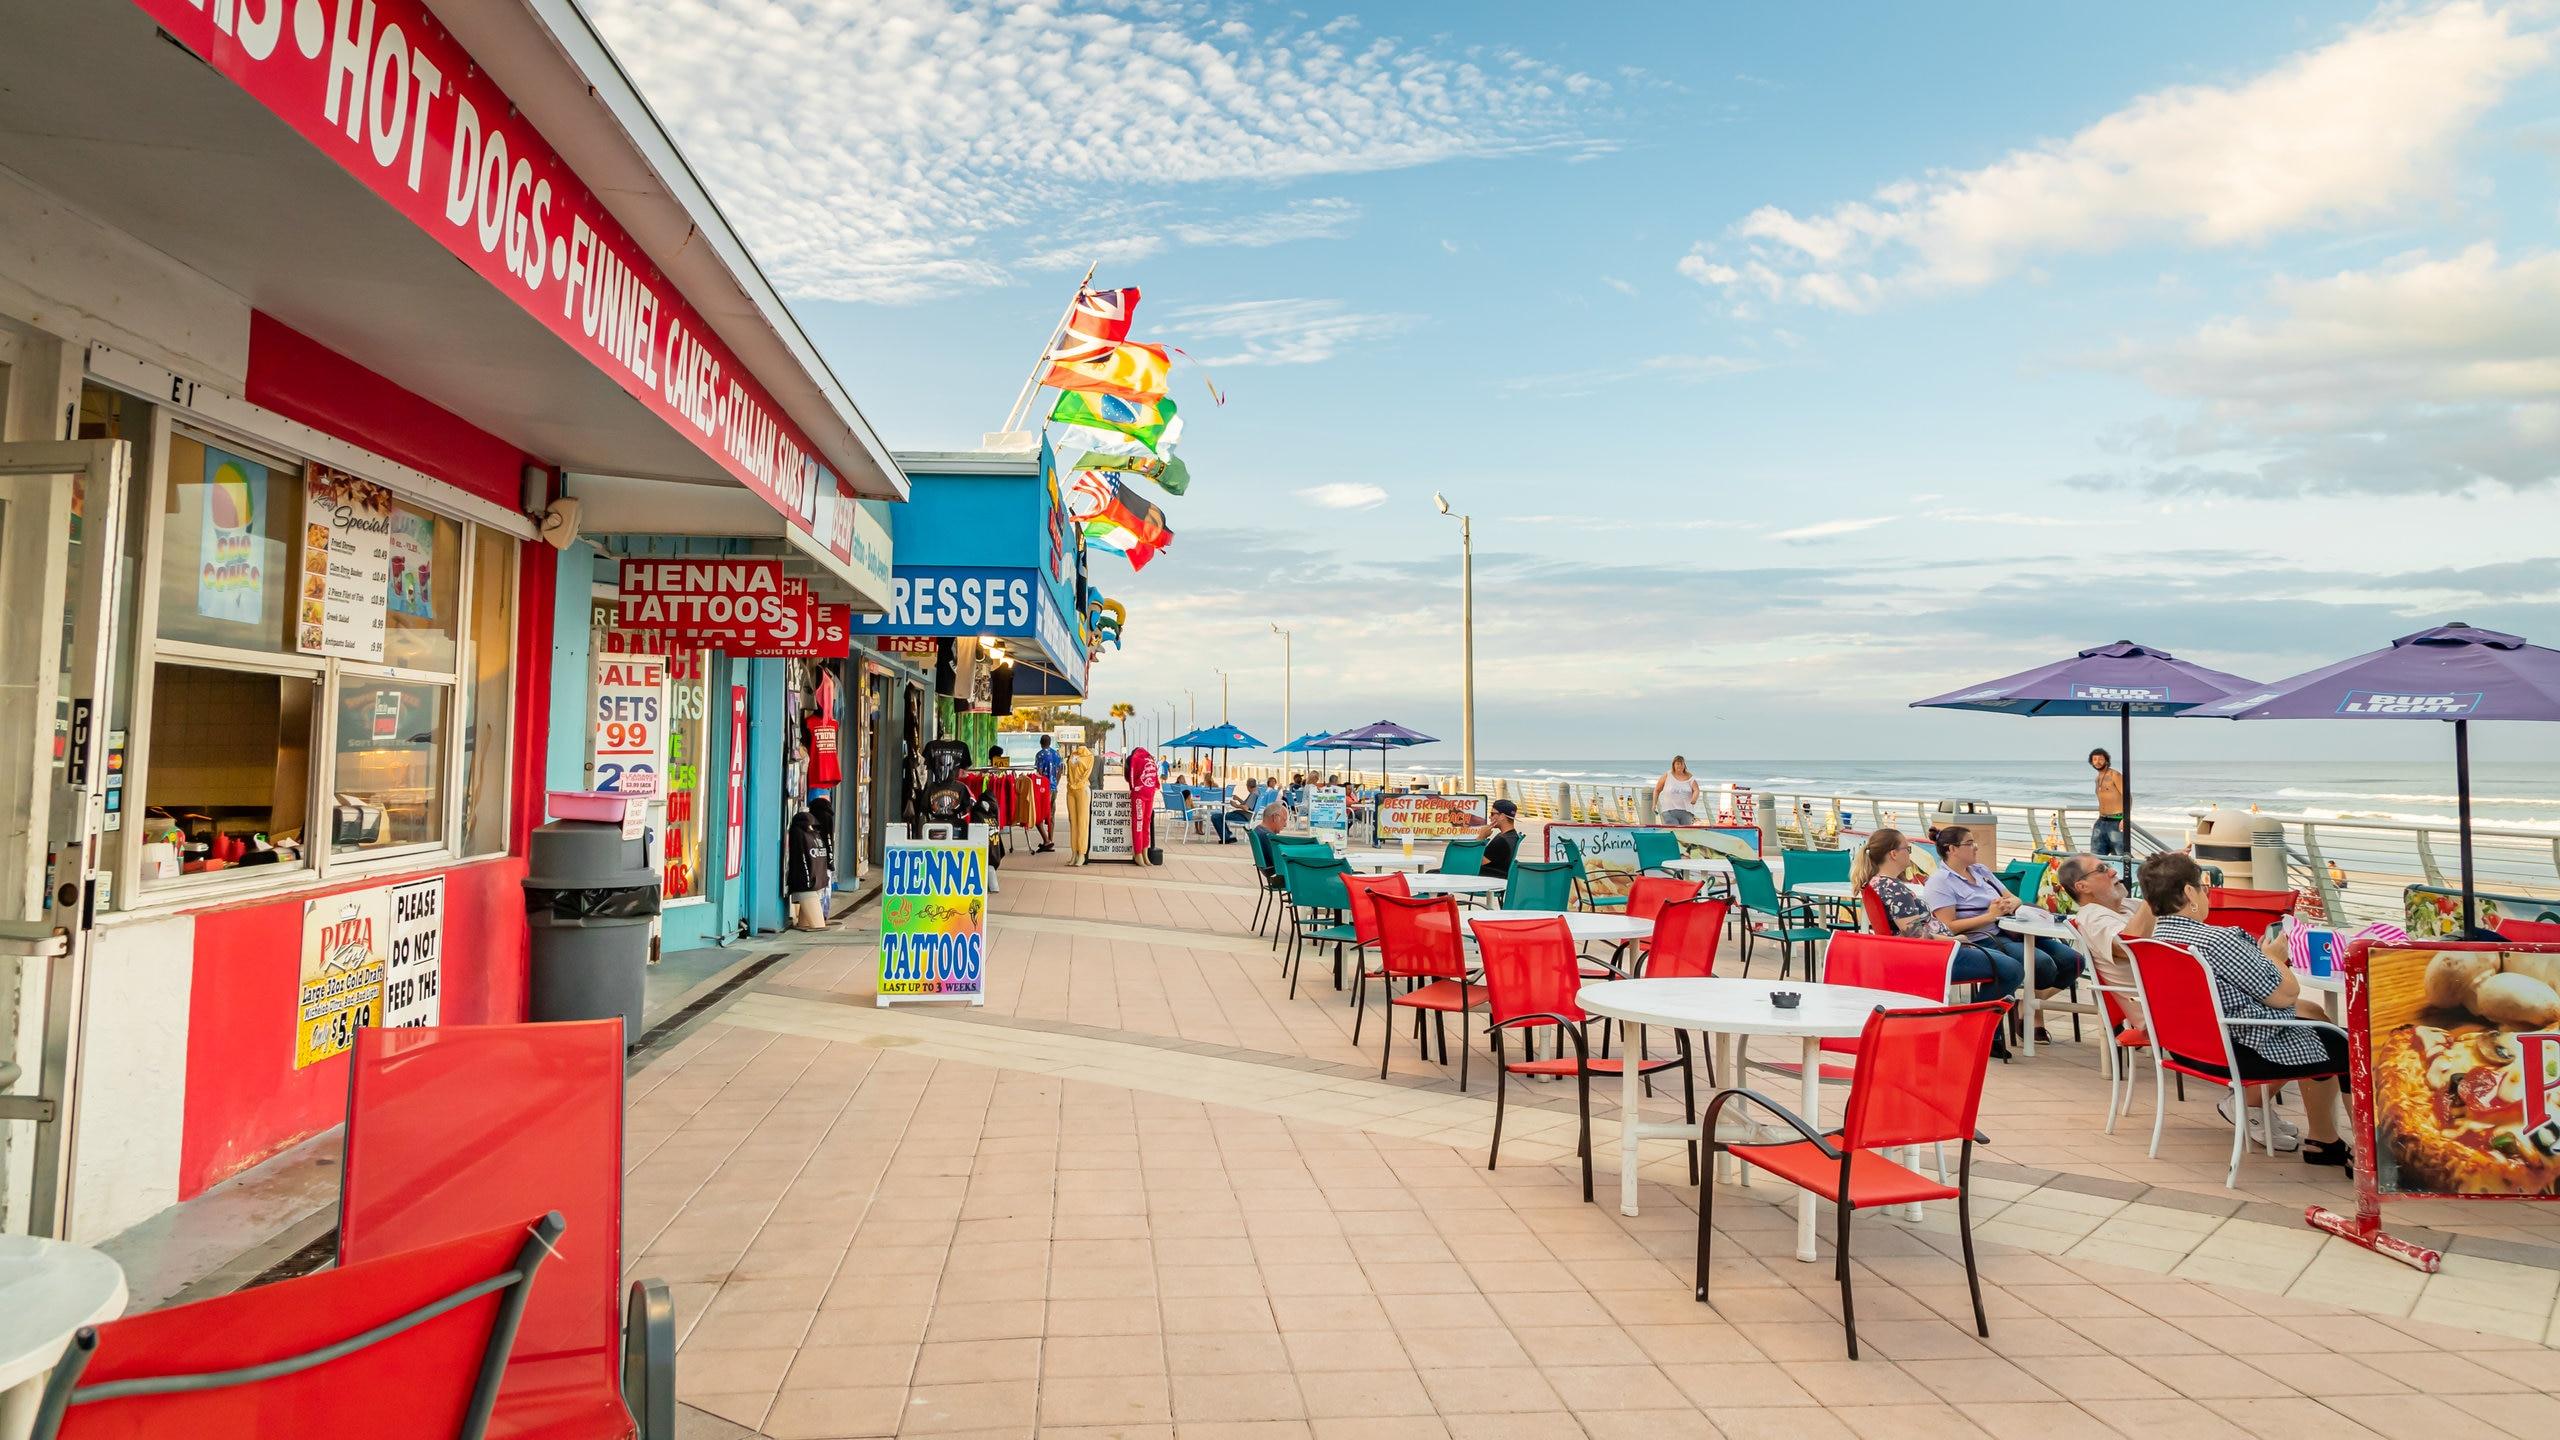 Daytona Beach Boardwalk, Daytona Beach, Florida, United States of America